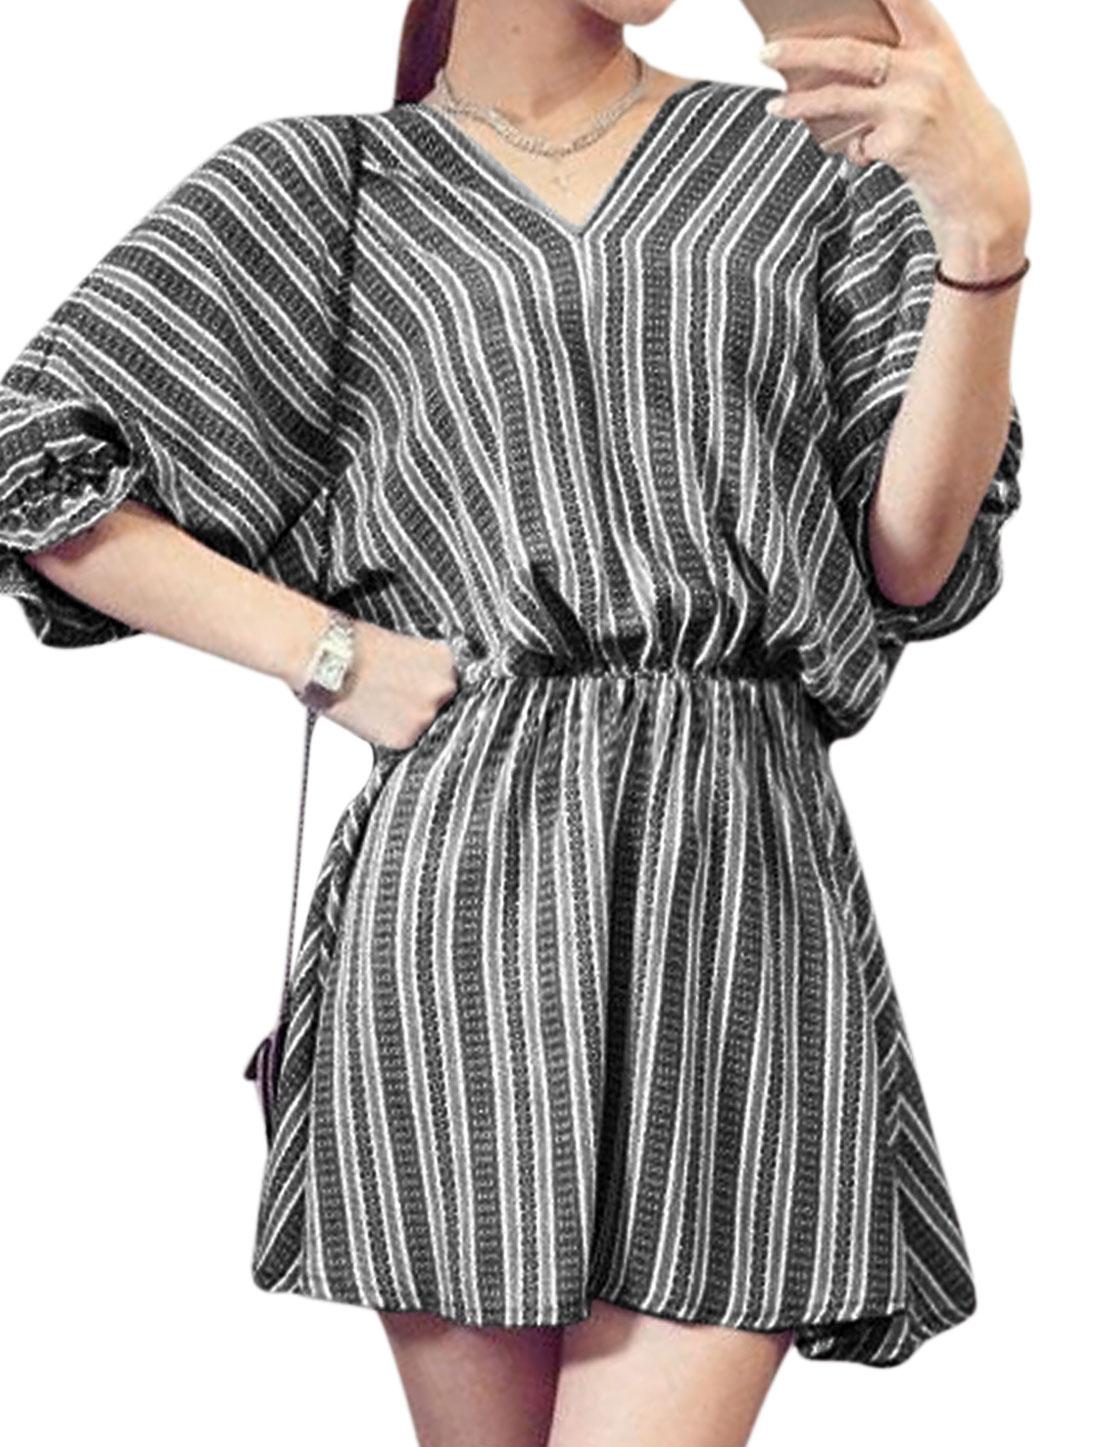 Woman Stripes Geometric Prints 3/4 Batwing Sleeves V Neck Dress Black White XS